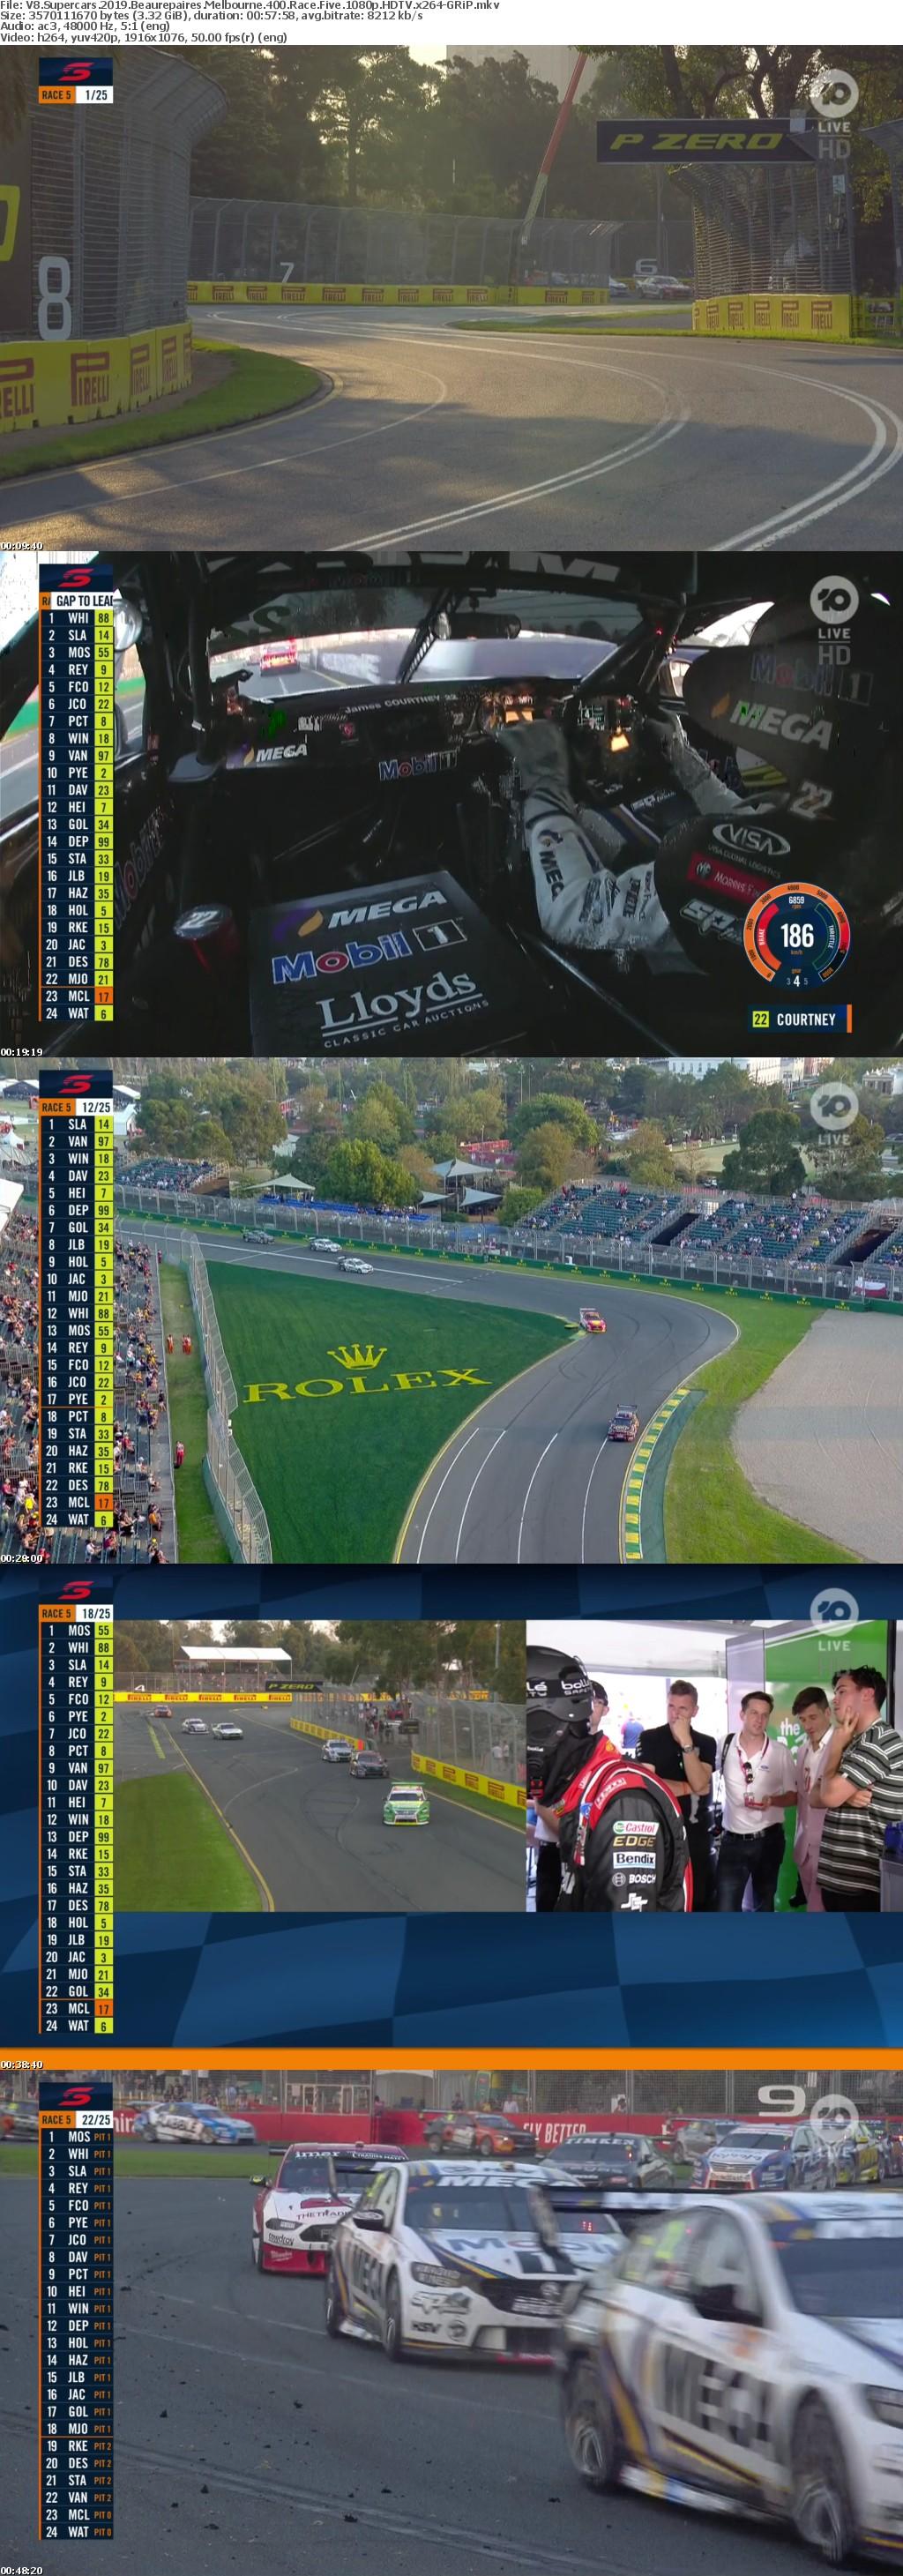 V8 Supercars 2019 Beaurepaires Melbourne 400 Race Five 1080p HDTV x264-GRiP